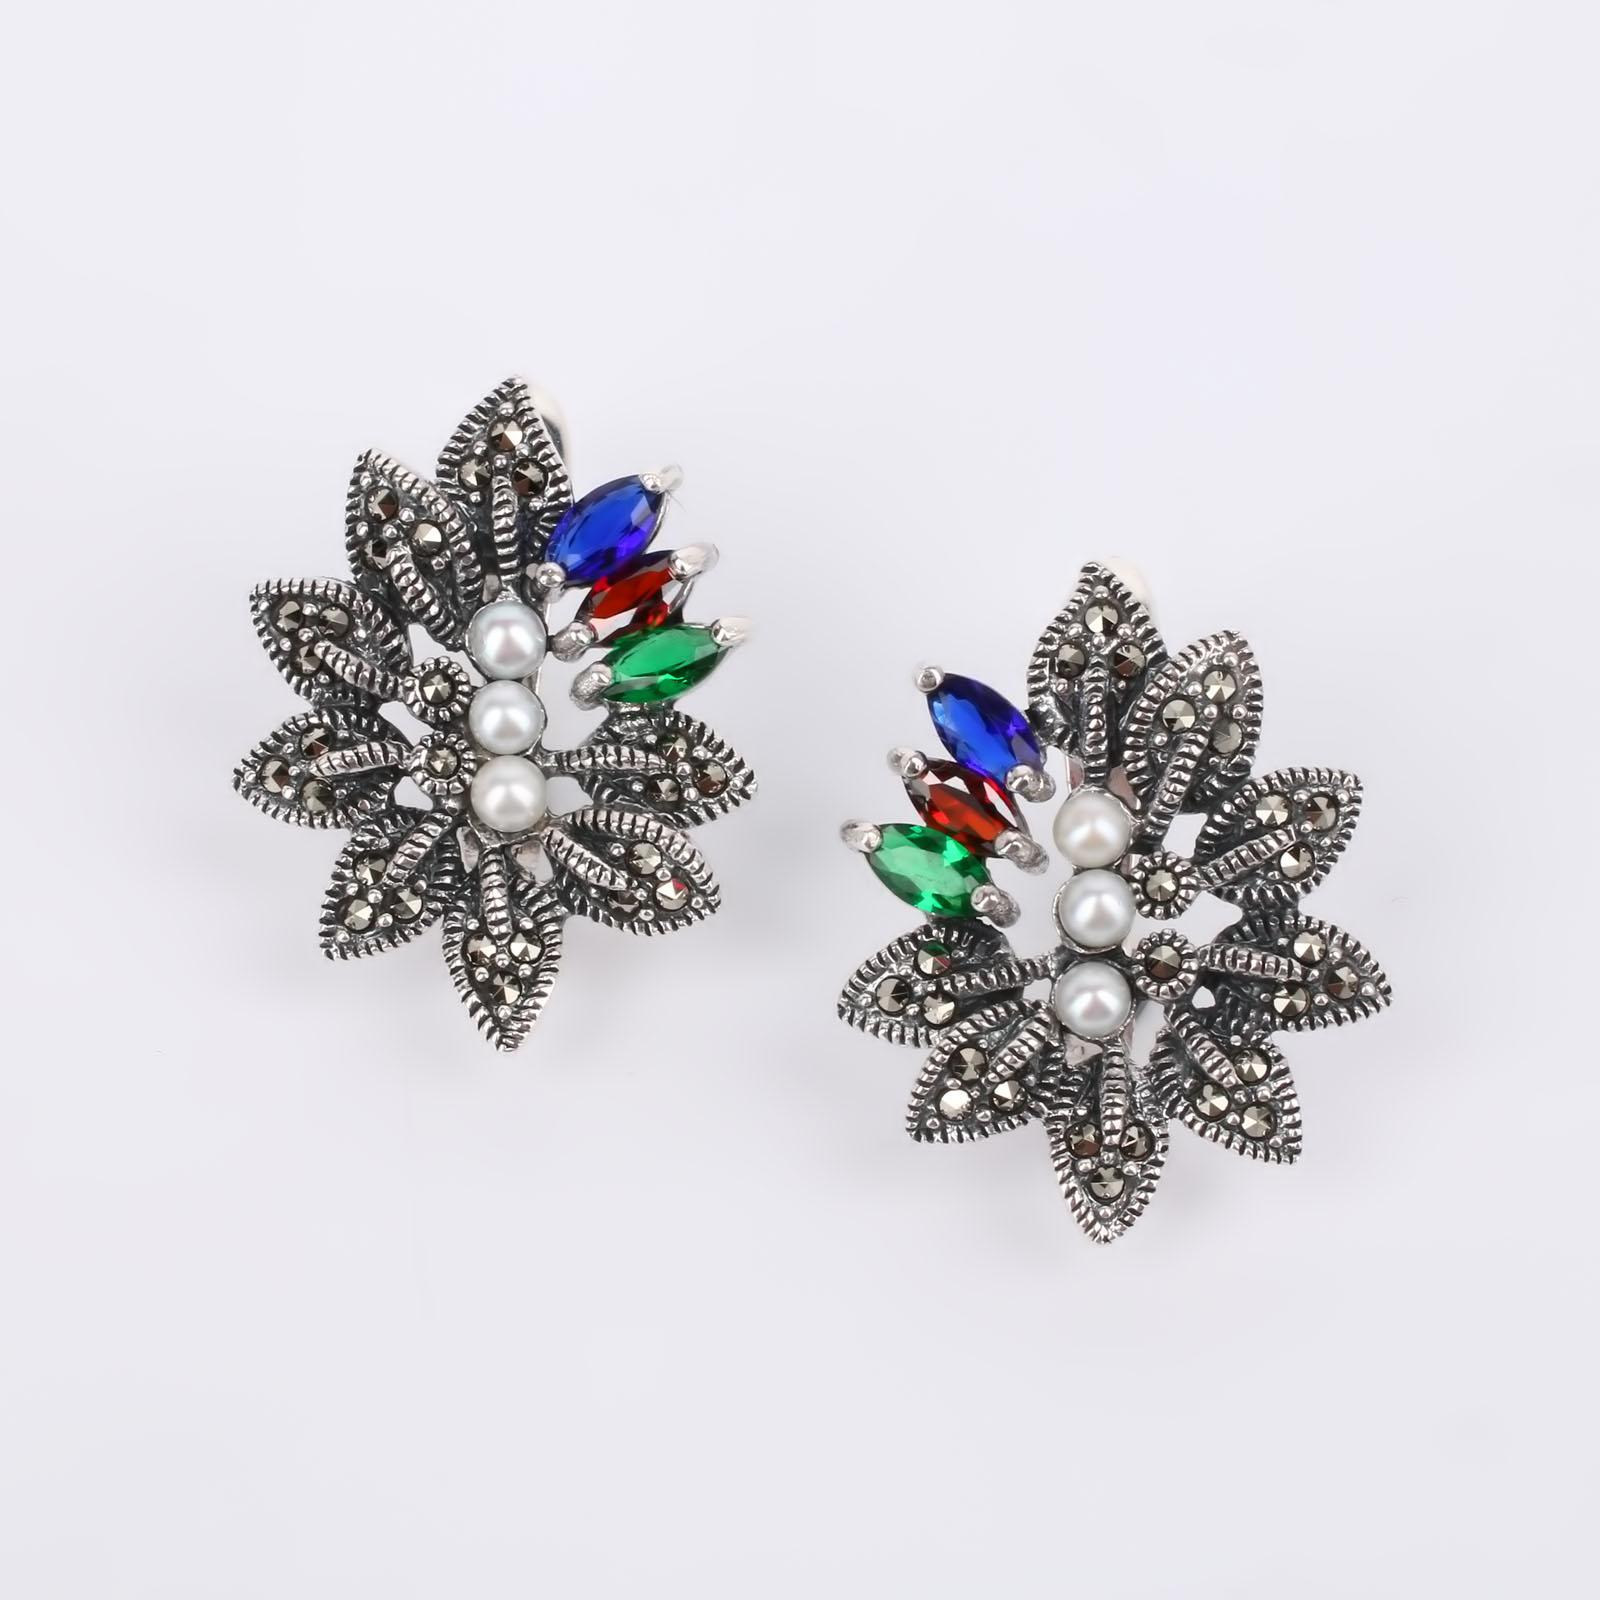 Серебряные серьги Норгис silver wings silver wings серьги 22ae2227gs r 148